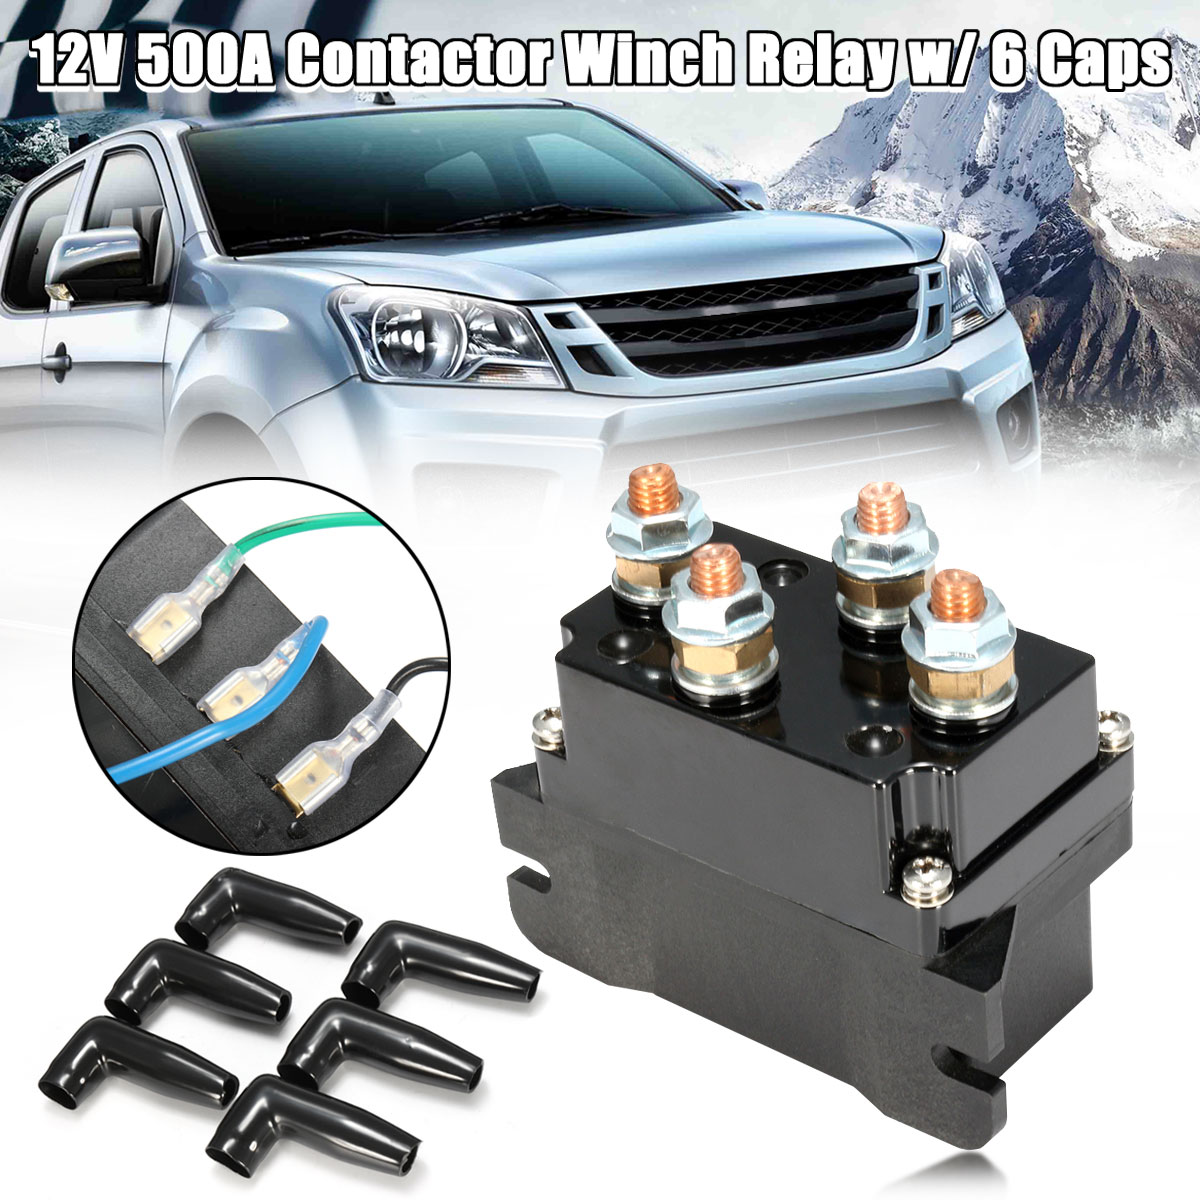 Winch Motor Reversing Solenoid Winch Solenoid Relay Contactor Thumb Truck12 Volt